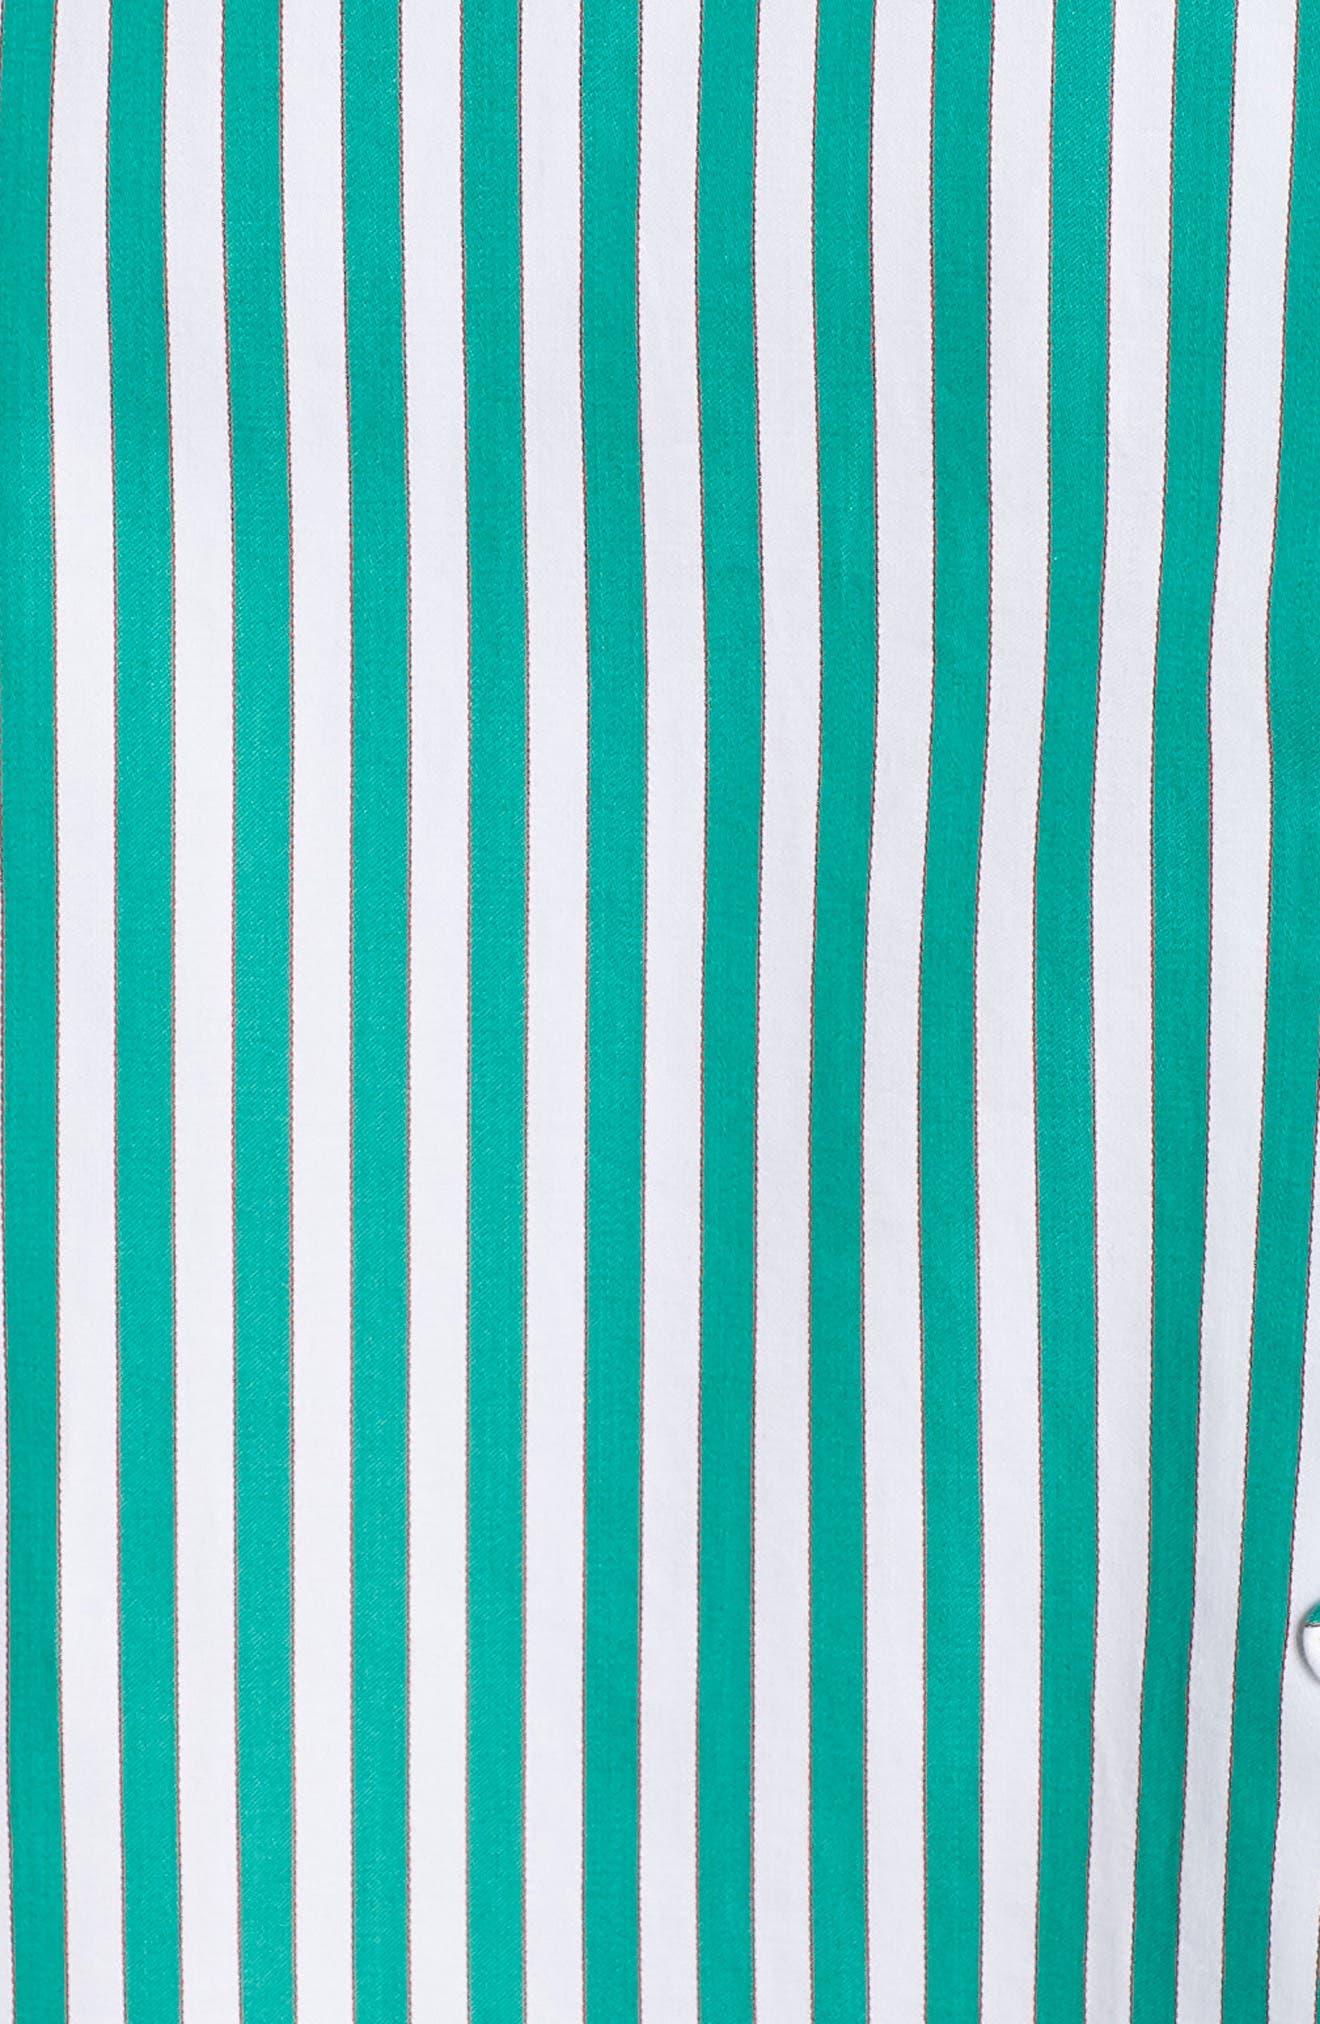 BB DAKOTA, Peppermint Stripe Dress, Alternate thumbnail 6, color, MISTY JADE